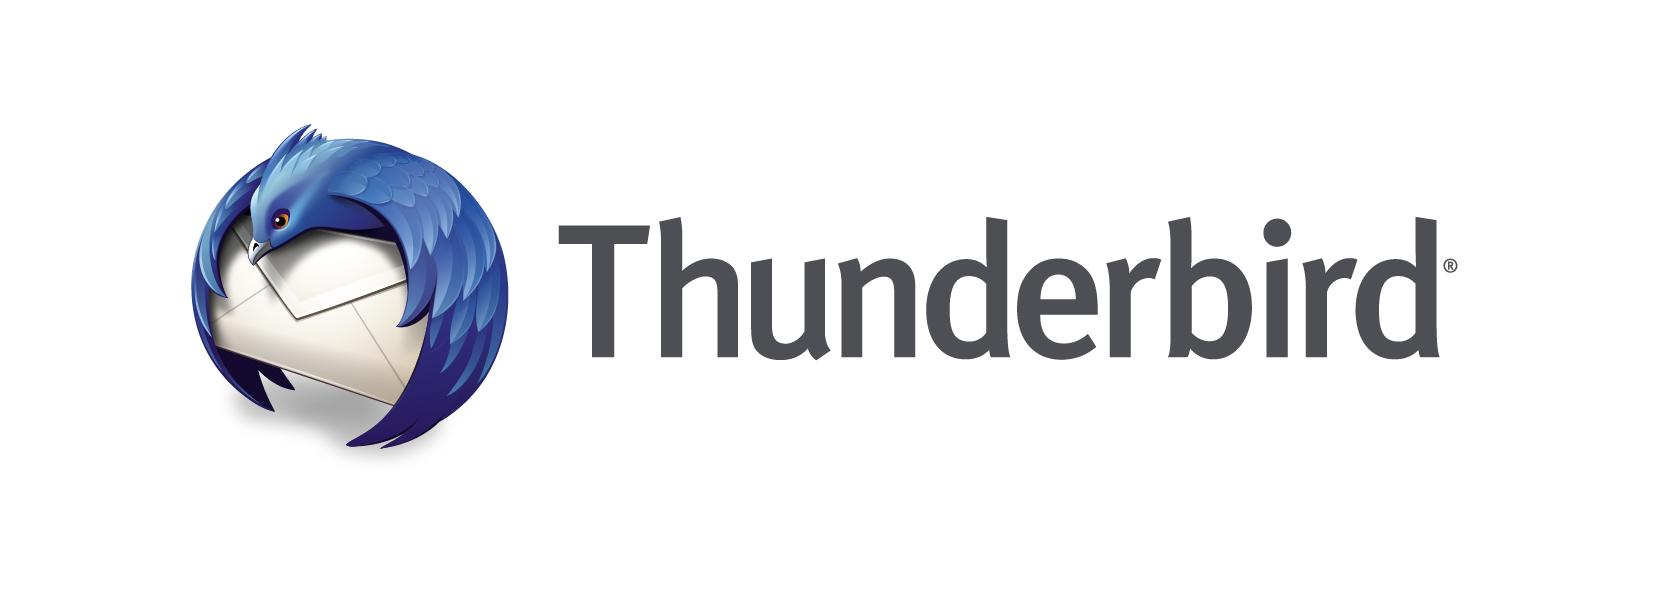 thunderbird_logo-wordmark_RGB-300dpi